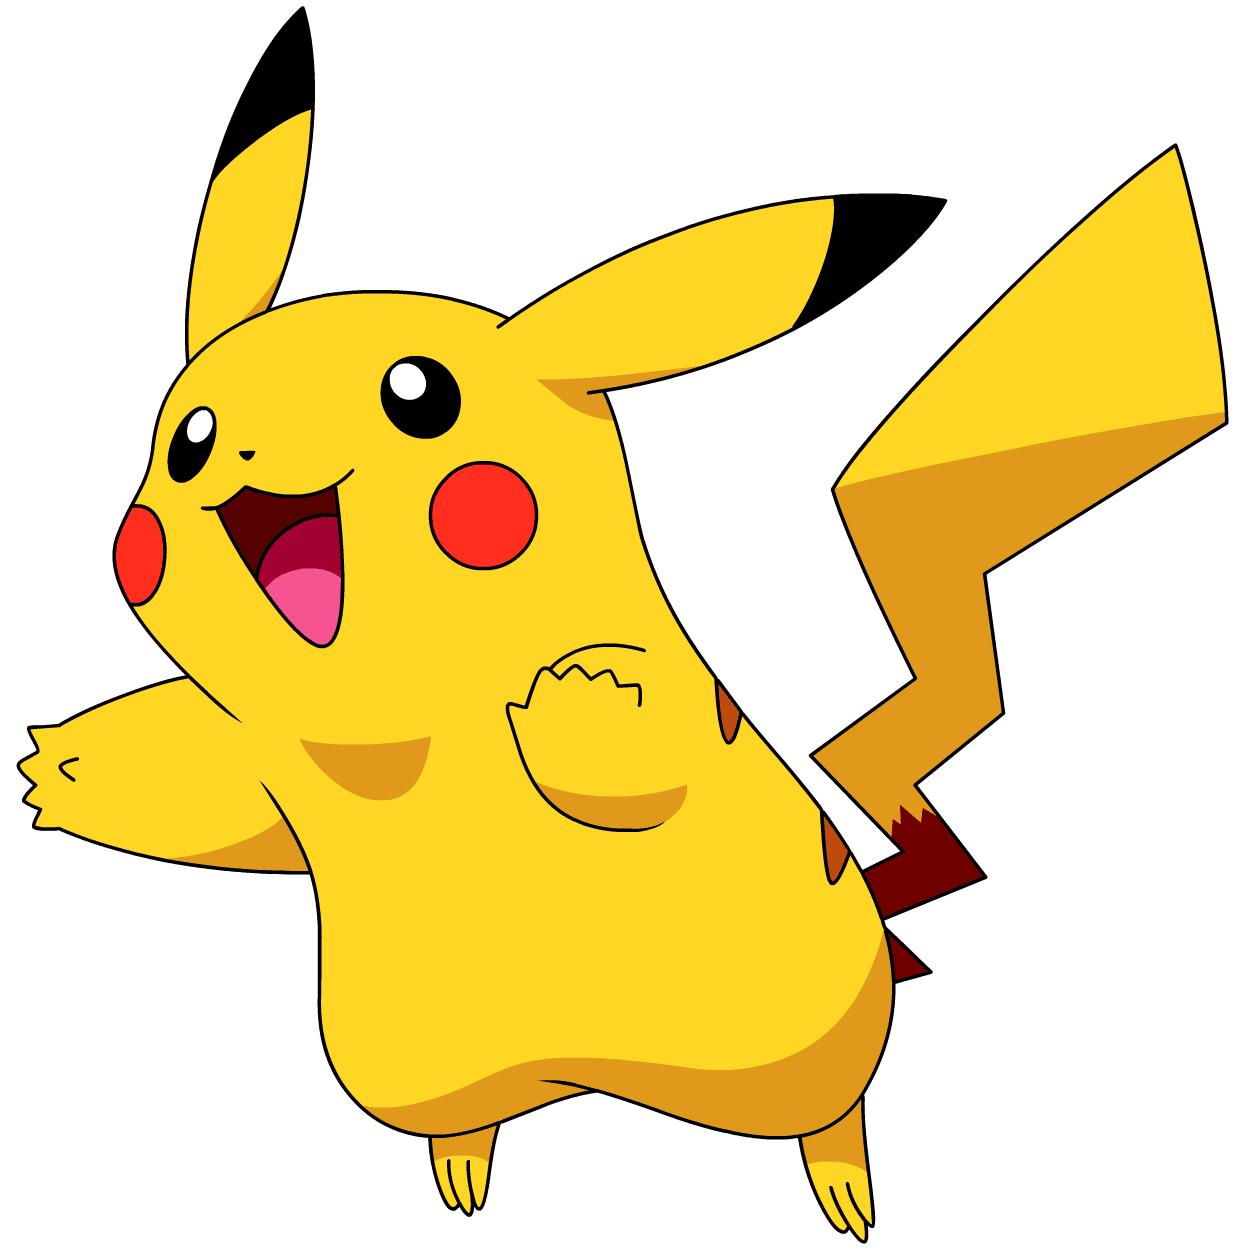 Dưới đây là một trong số những hình ảnh về game pikachu-vesion 2014: